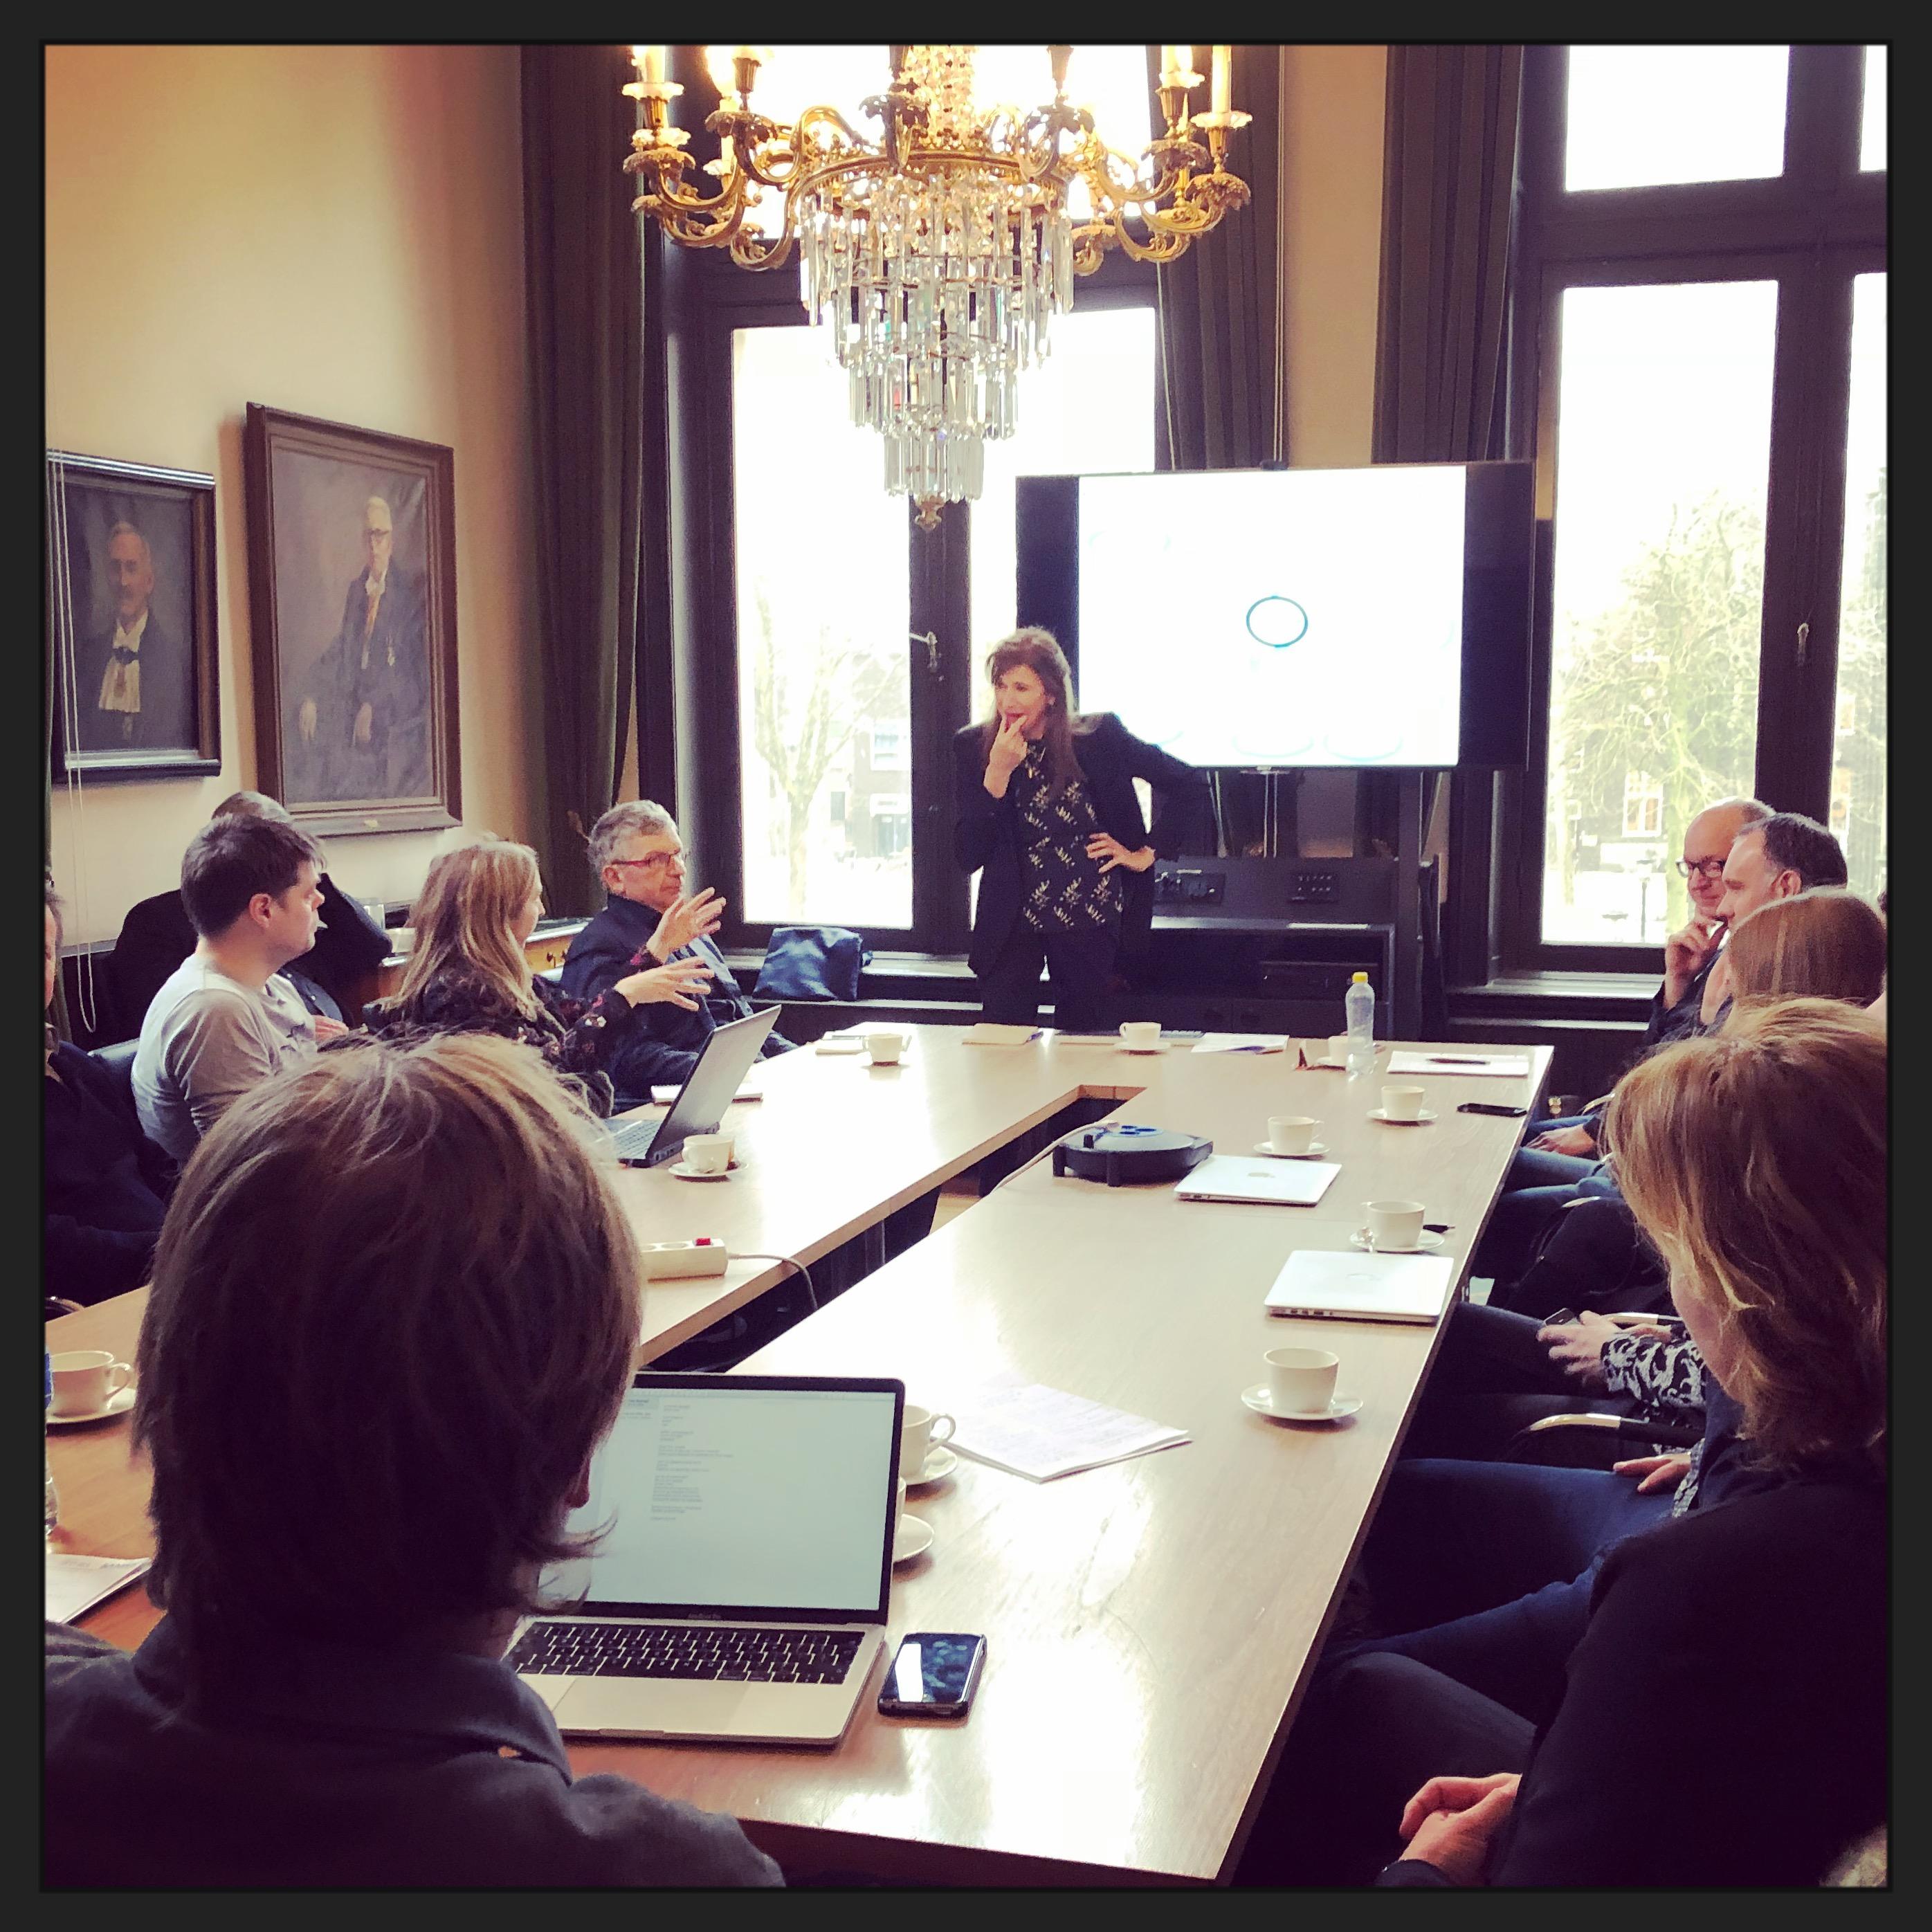 Workshop Annemieke Roobeek in Academiegebouw Utrecht